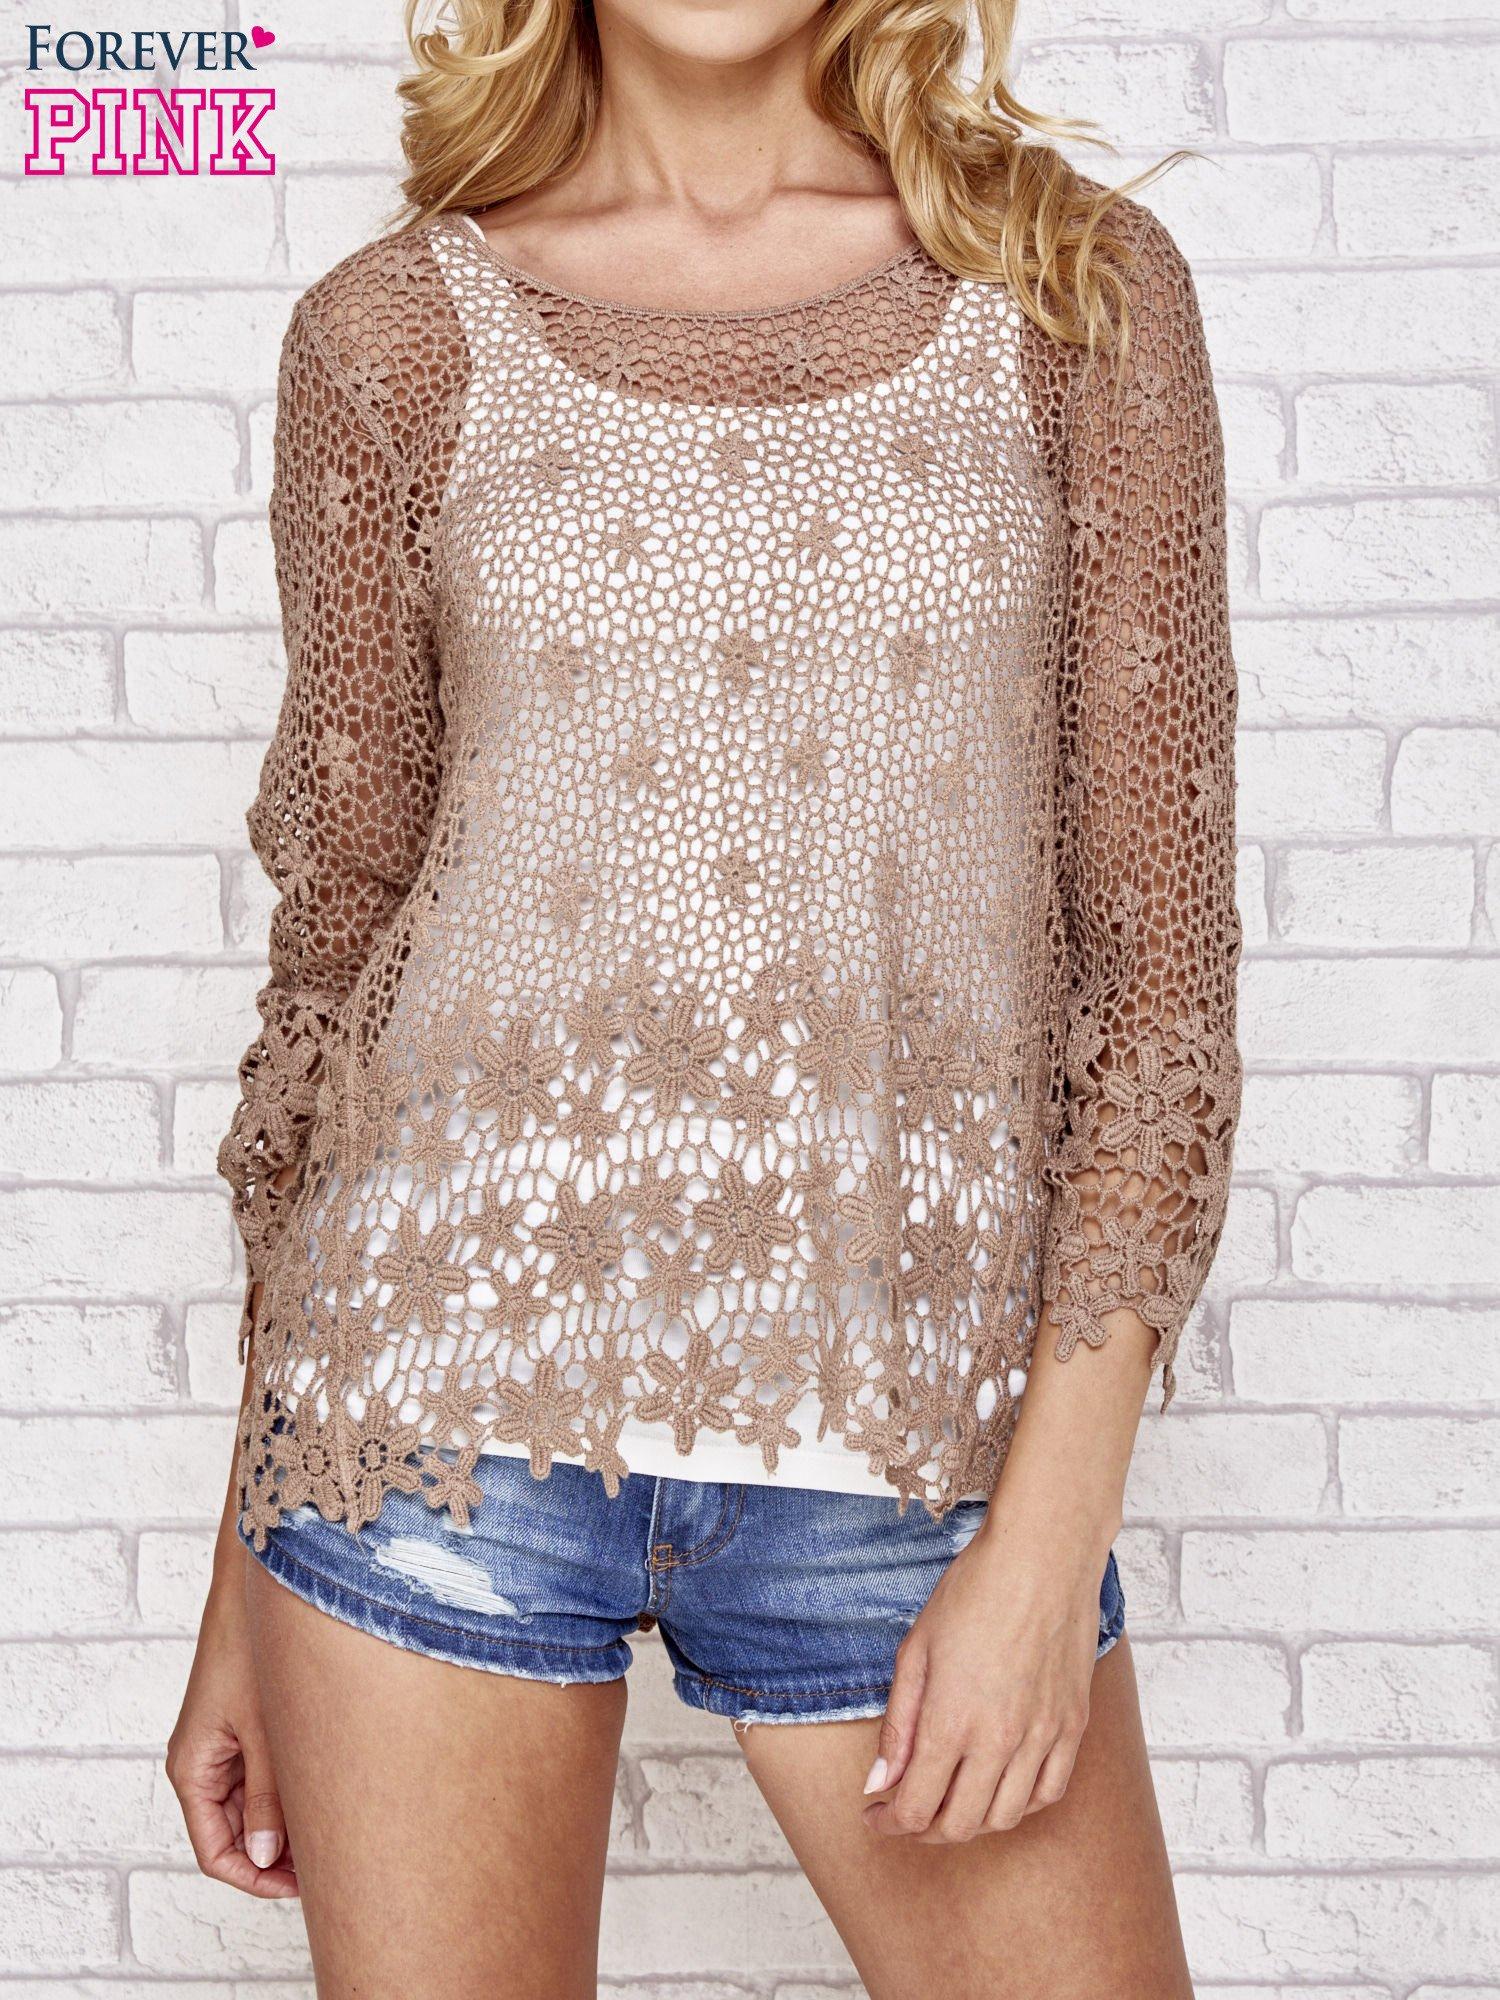 Brązowy szydełkowy sweterek z rozszerzanymi rękawami                                  zdj.                                  1